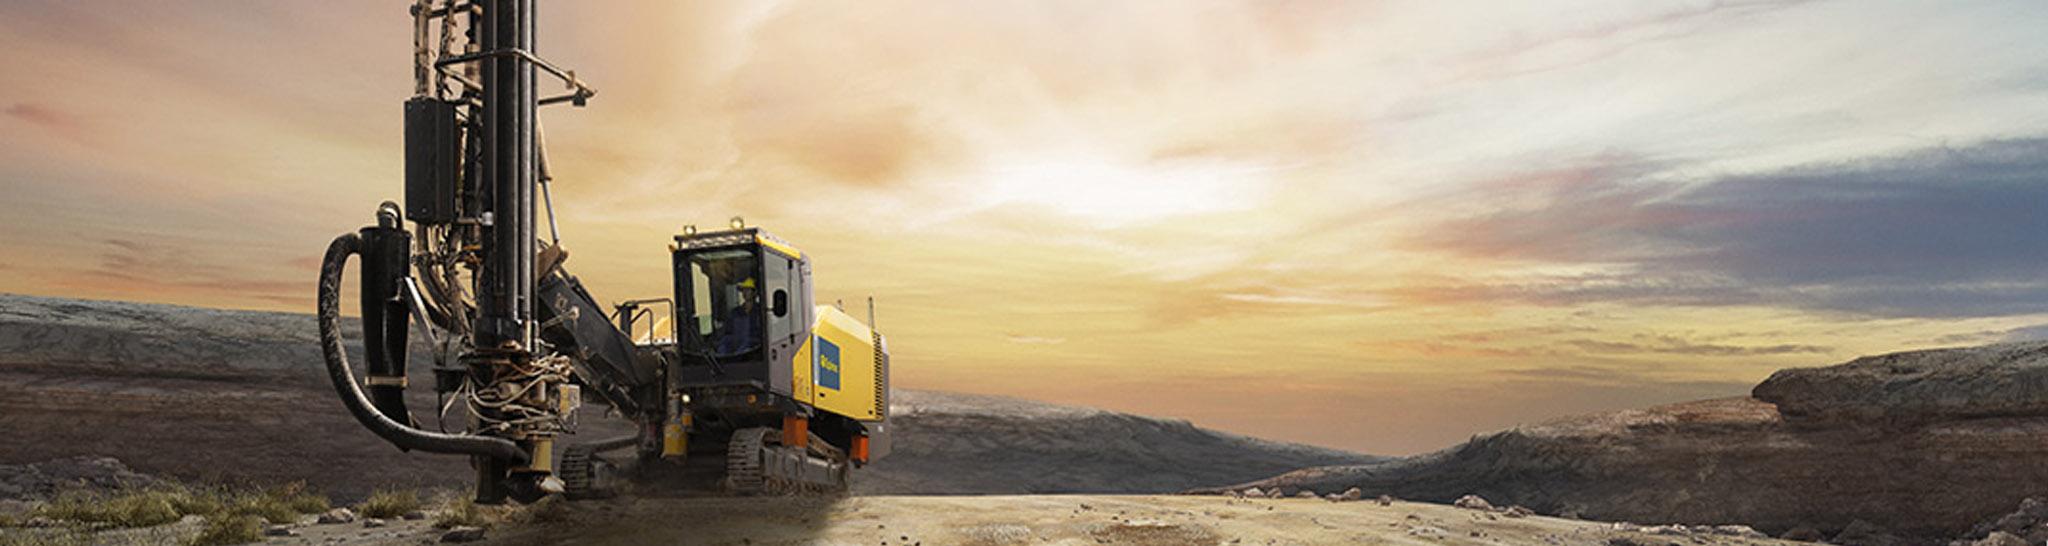 گروه صنعتی معدنی همپا